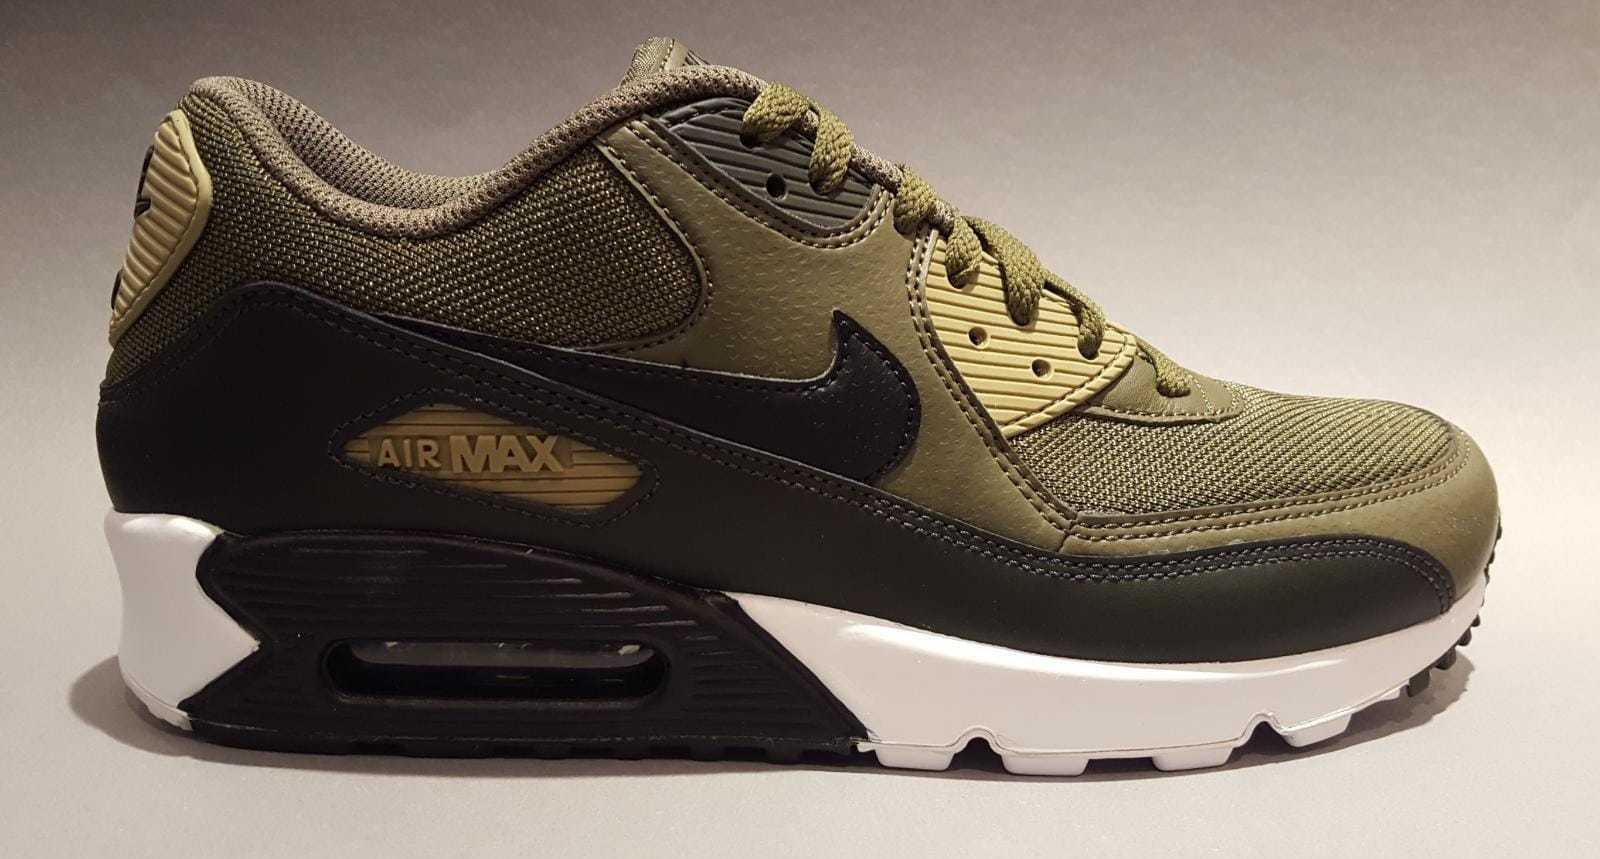 Nike Air Max 90 Essential Herren NEUES Modell vom Händler versch. Größen